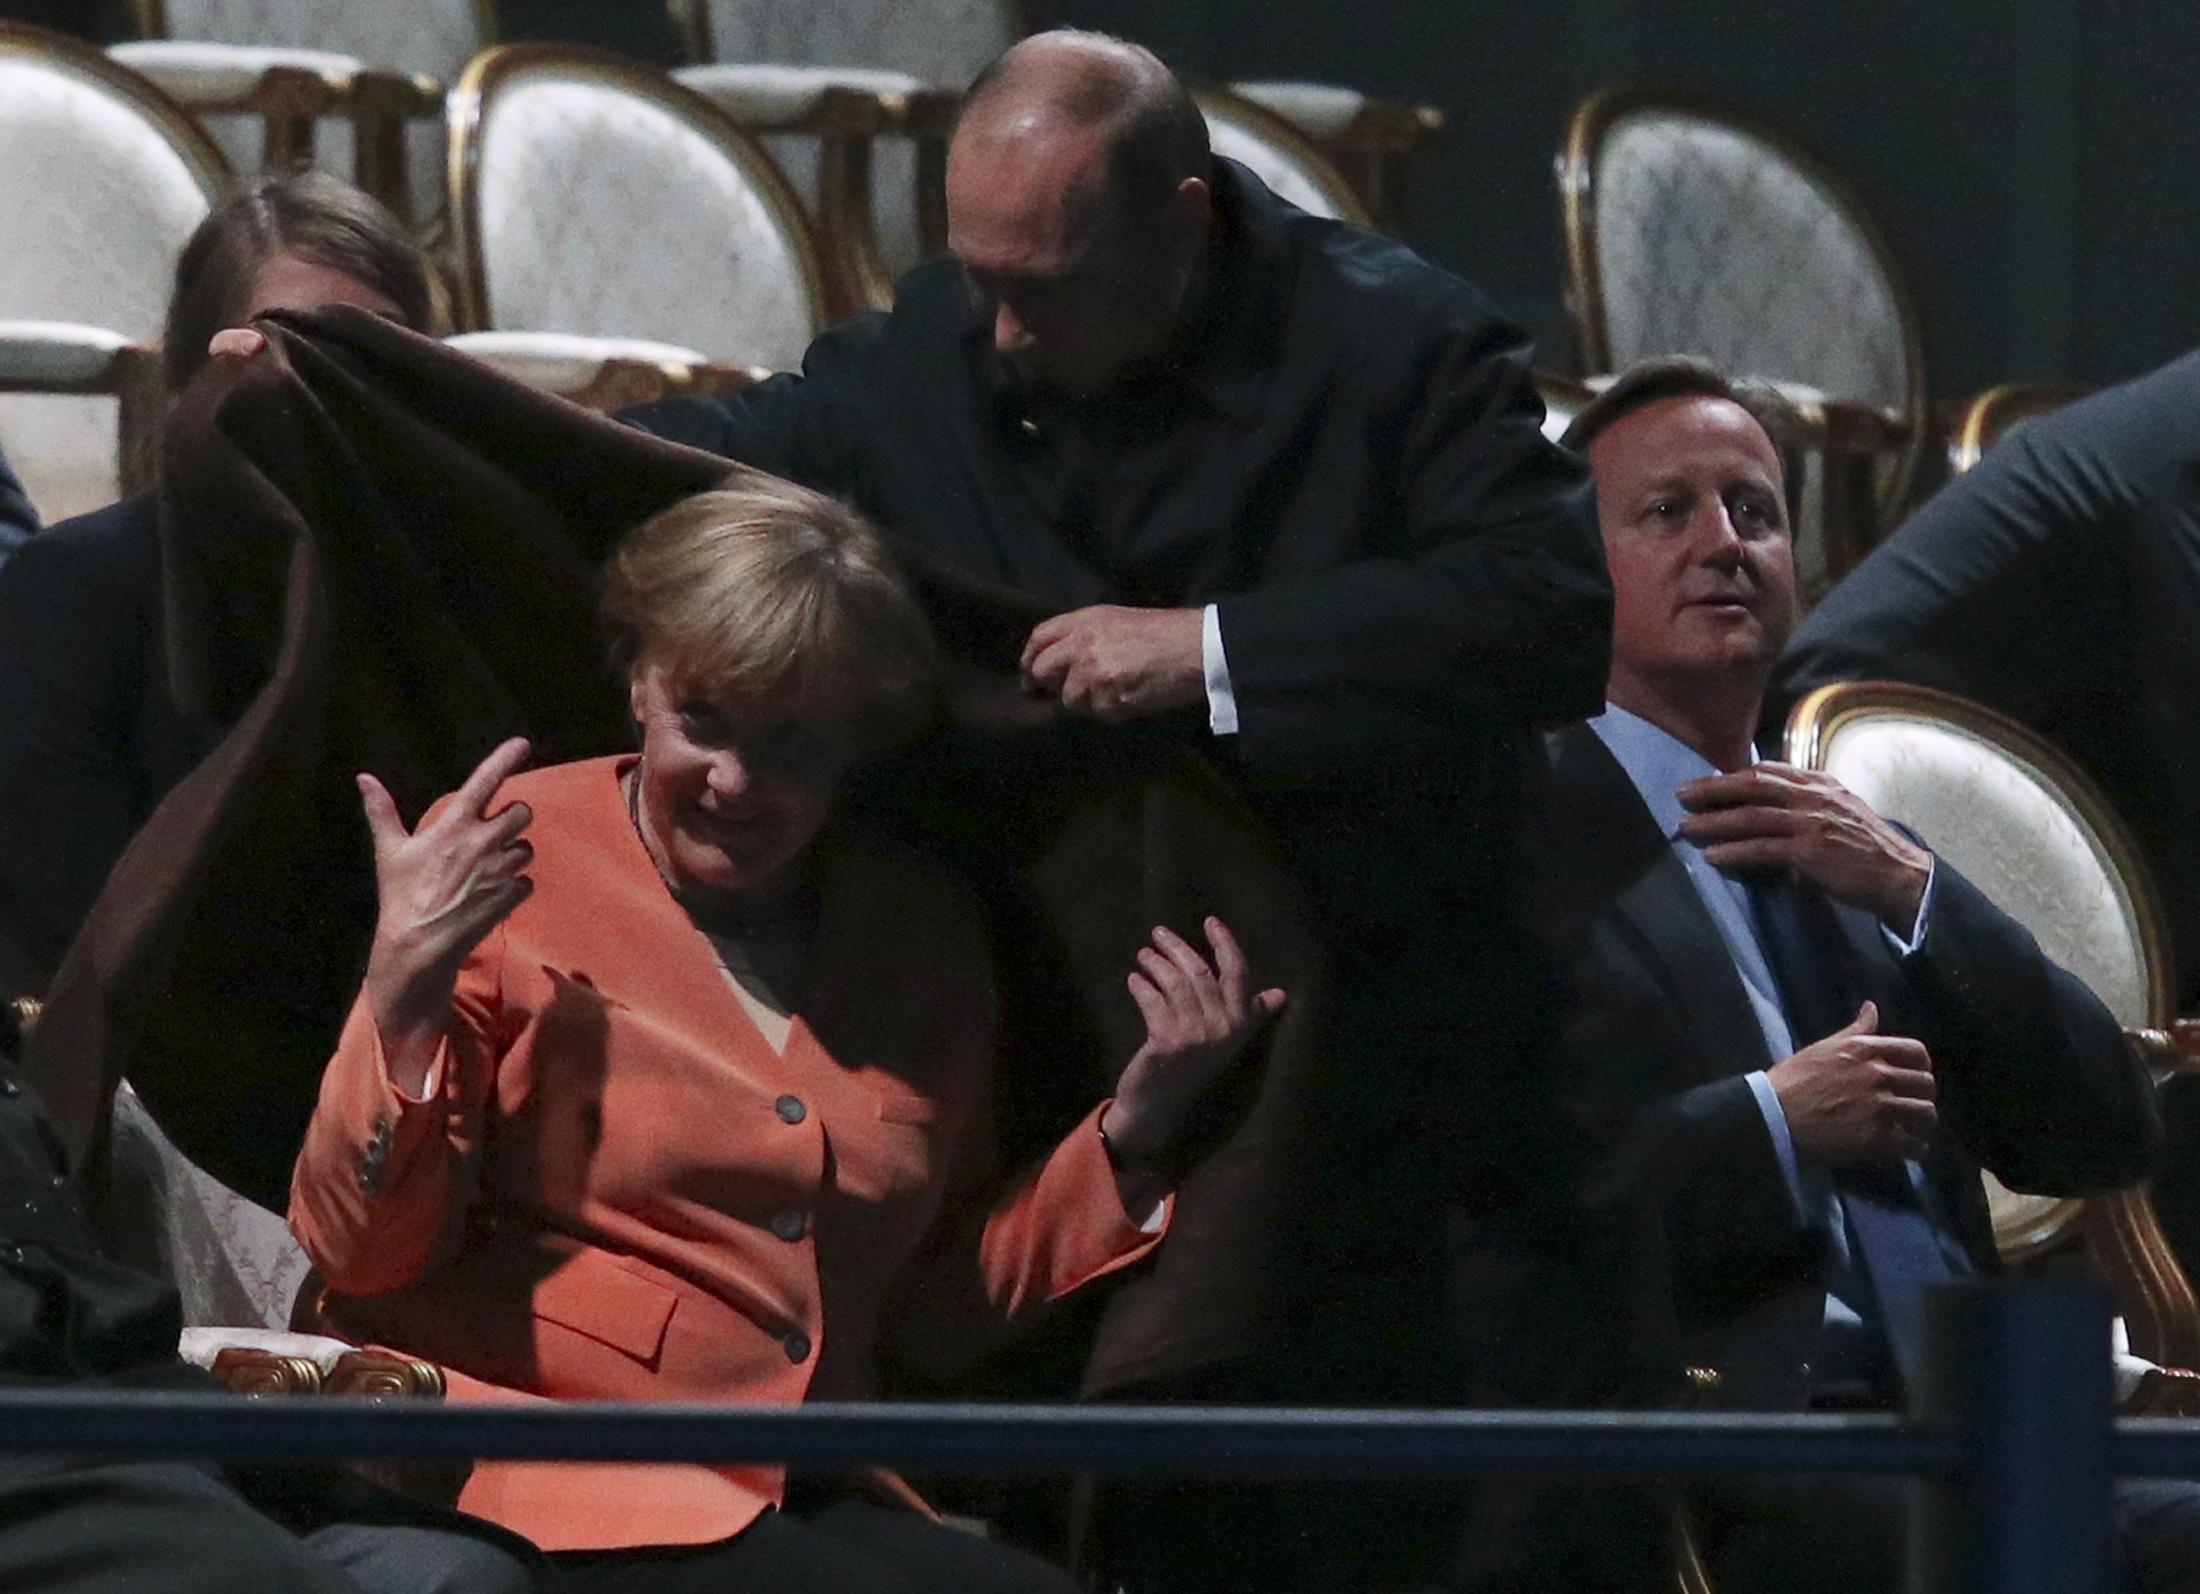 6/10. Путин је први пут искористио шал да покаже своје каваљерство на самиту Г-20 у Санкт Петербургу, када је њиме огрнуо немачку канцеларку Ангелу Меркел. Тада овај гест није изазвао посебну пажњу јавности.